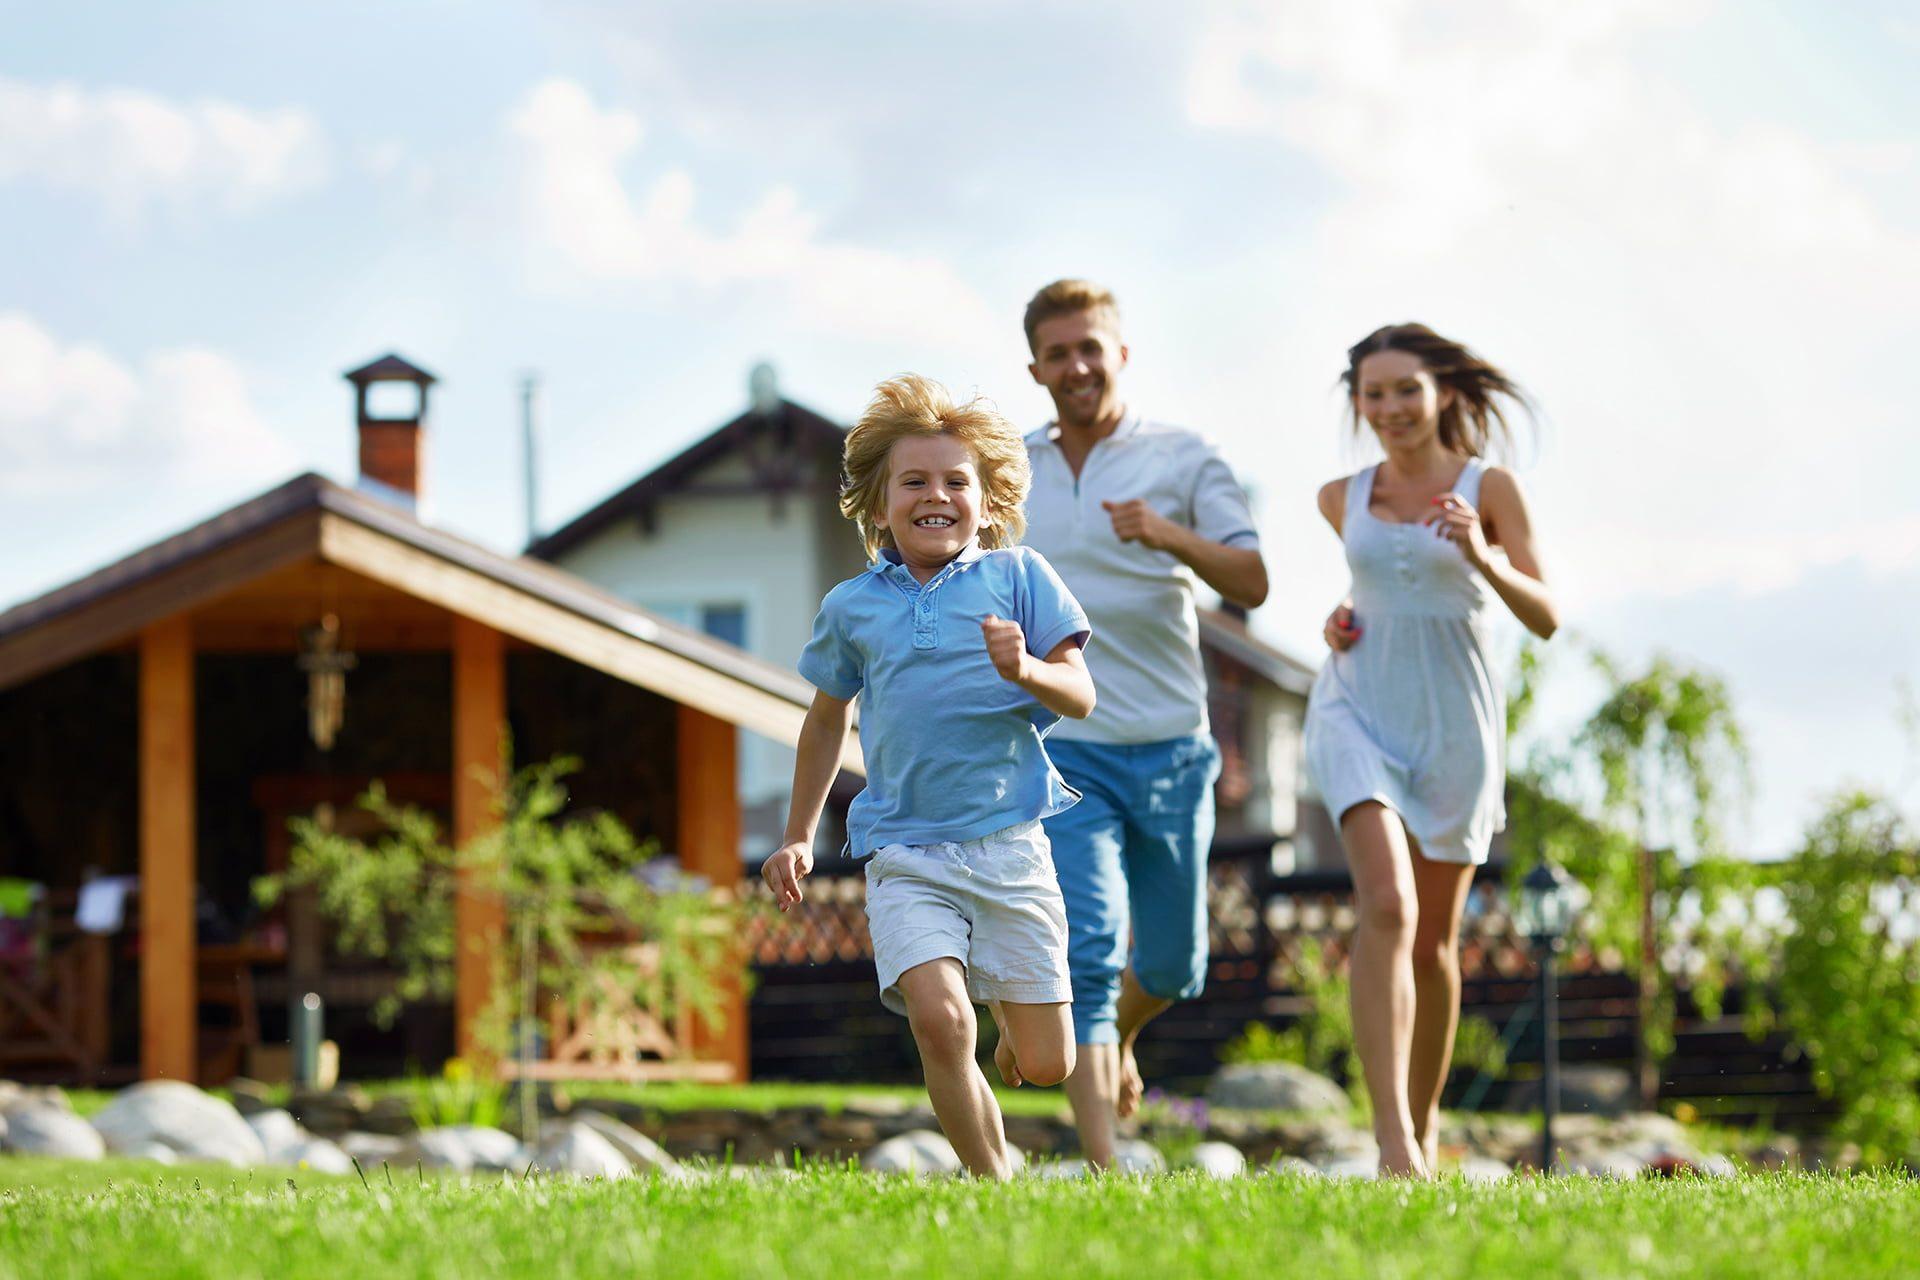 Gracus - Broker budowy domów - Szczęście, radość i bezpieczeństwo dla Twojej rodziny